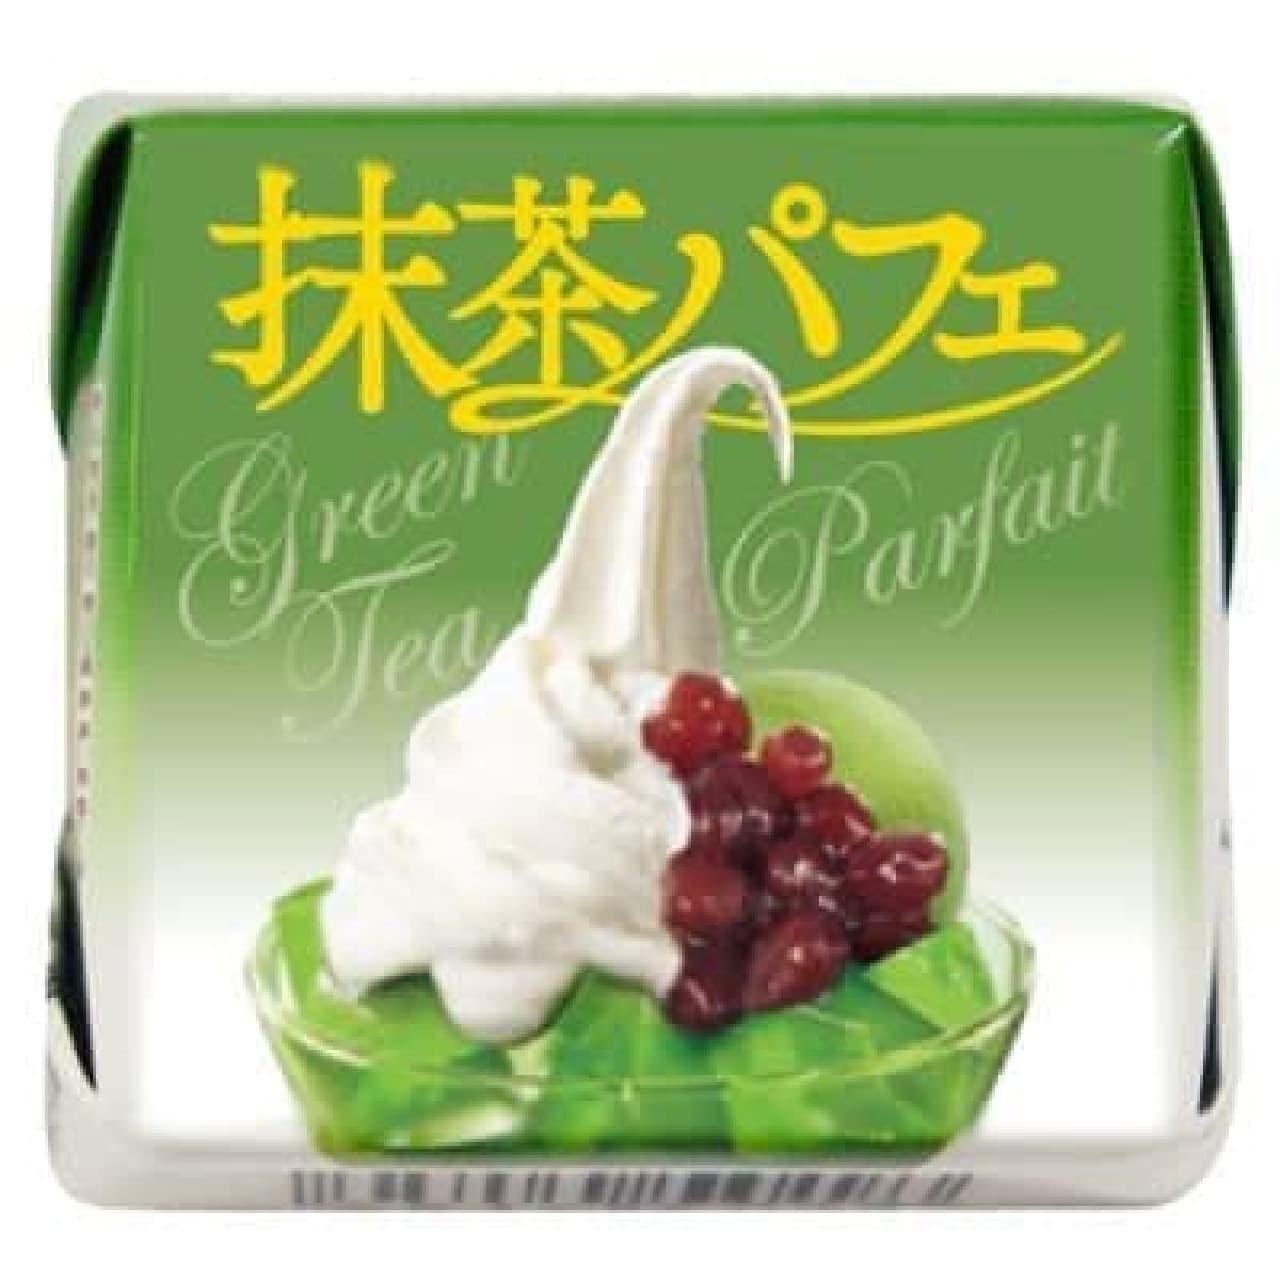 冷やして食べたい!「チロルチョコ〈抹茶パフェ〉」